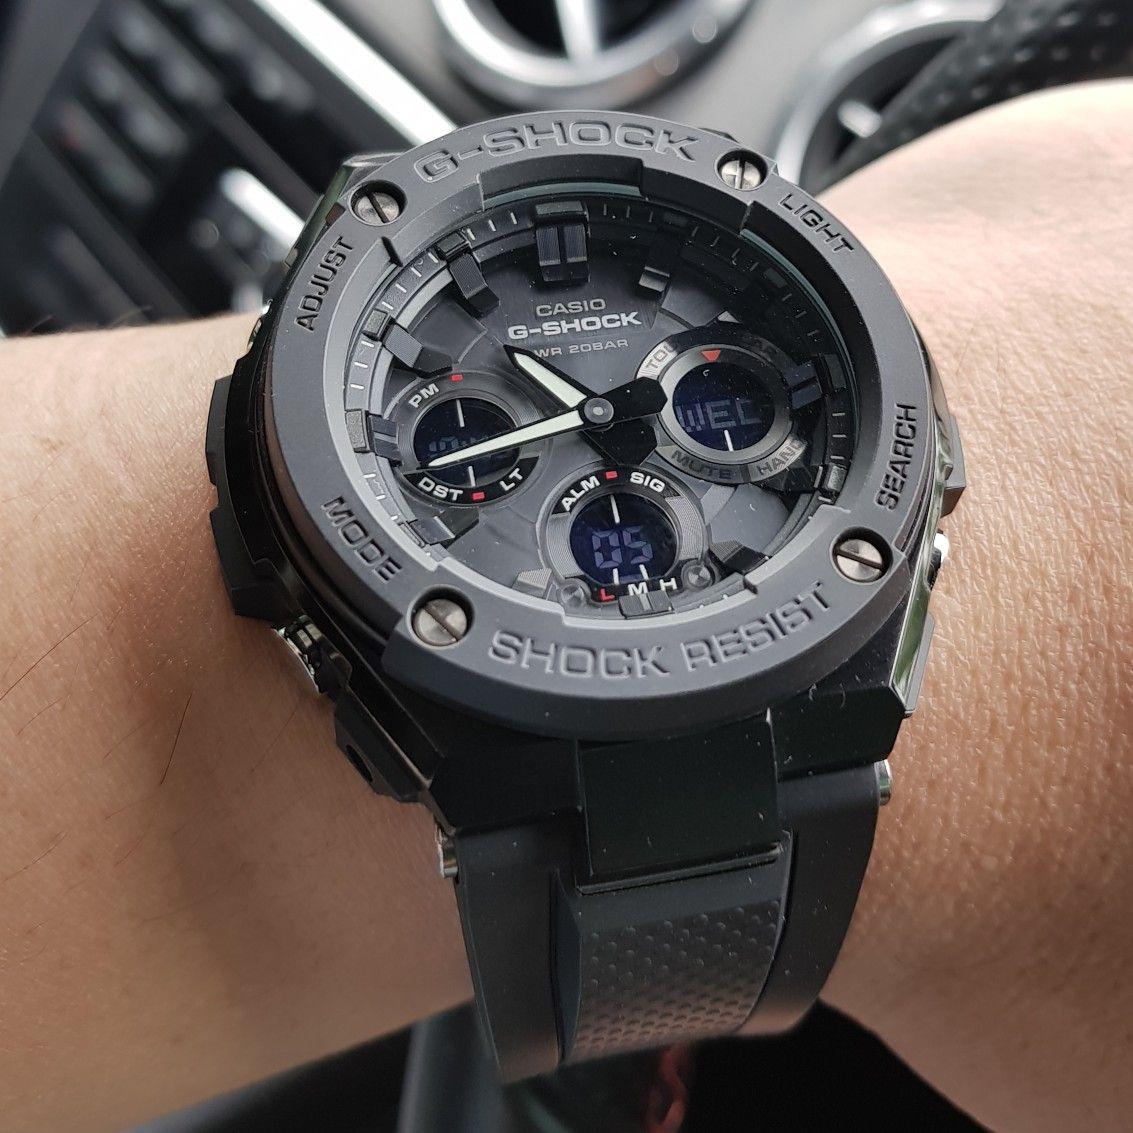 Casio GShock GSTS100G1B G shock, Casio, Adventure watches